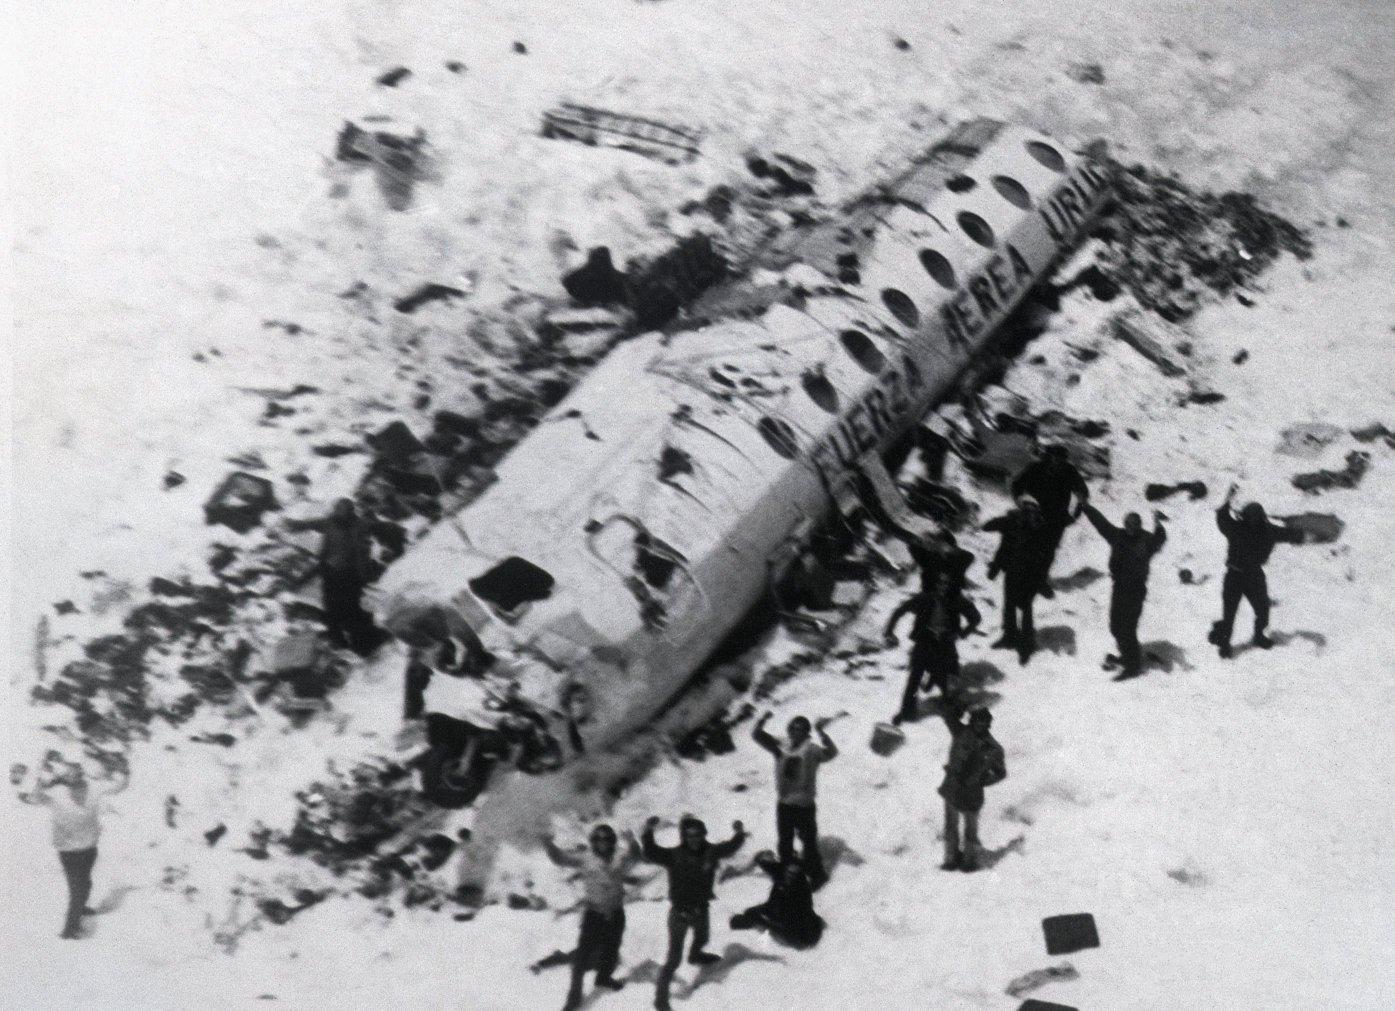 1972-andes-plane-crash-site-and-survivors